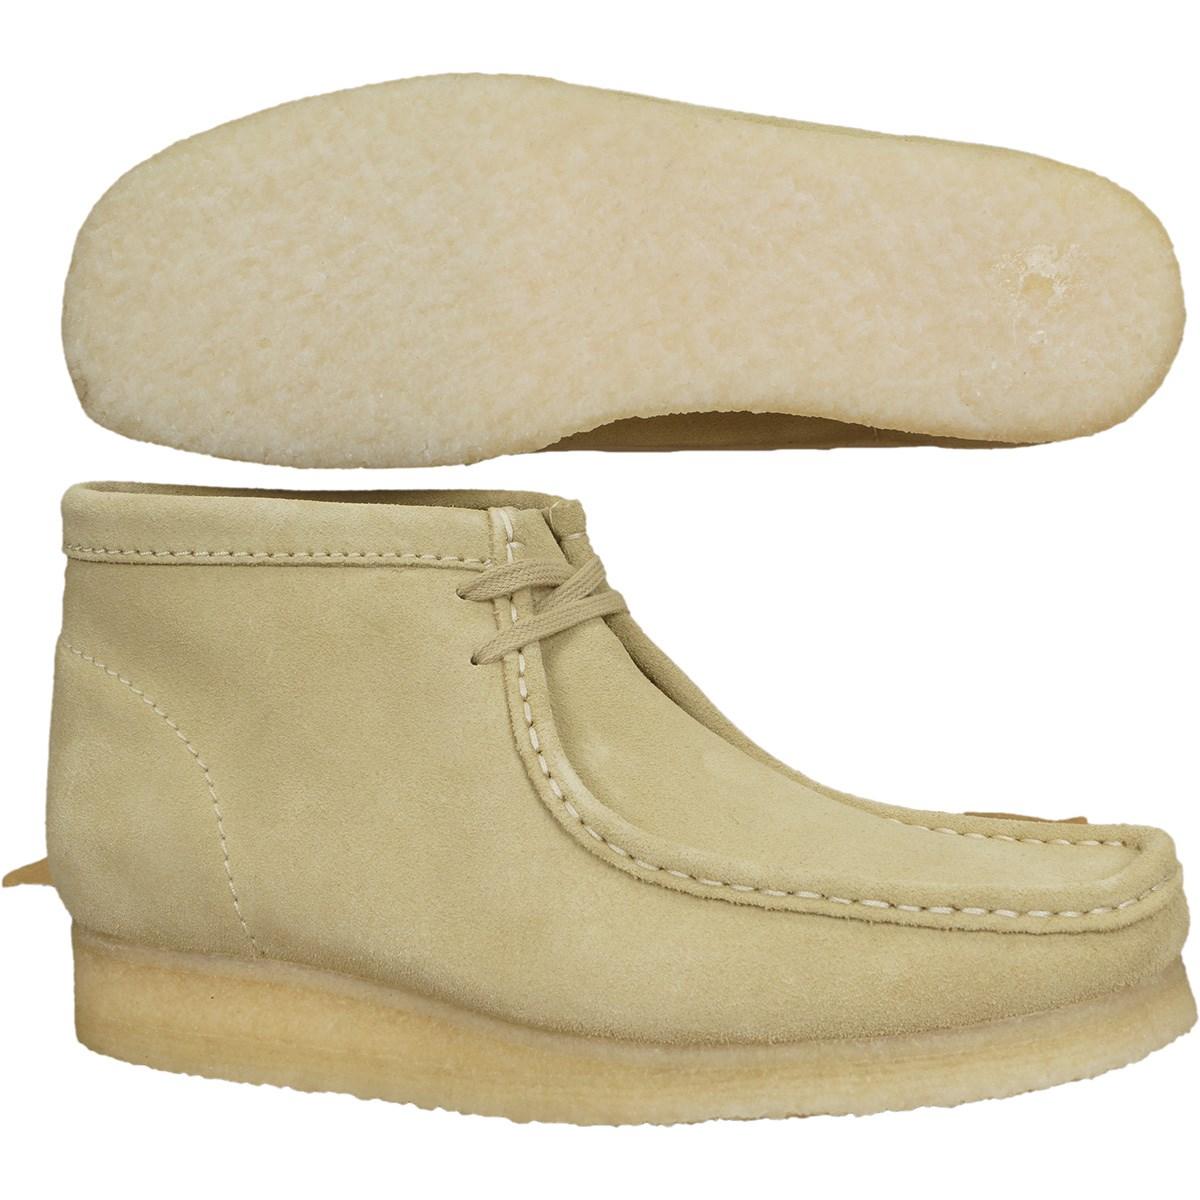 クラークス ワラビー ブーツ